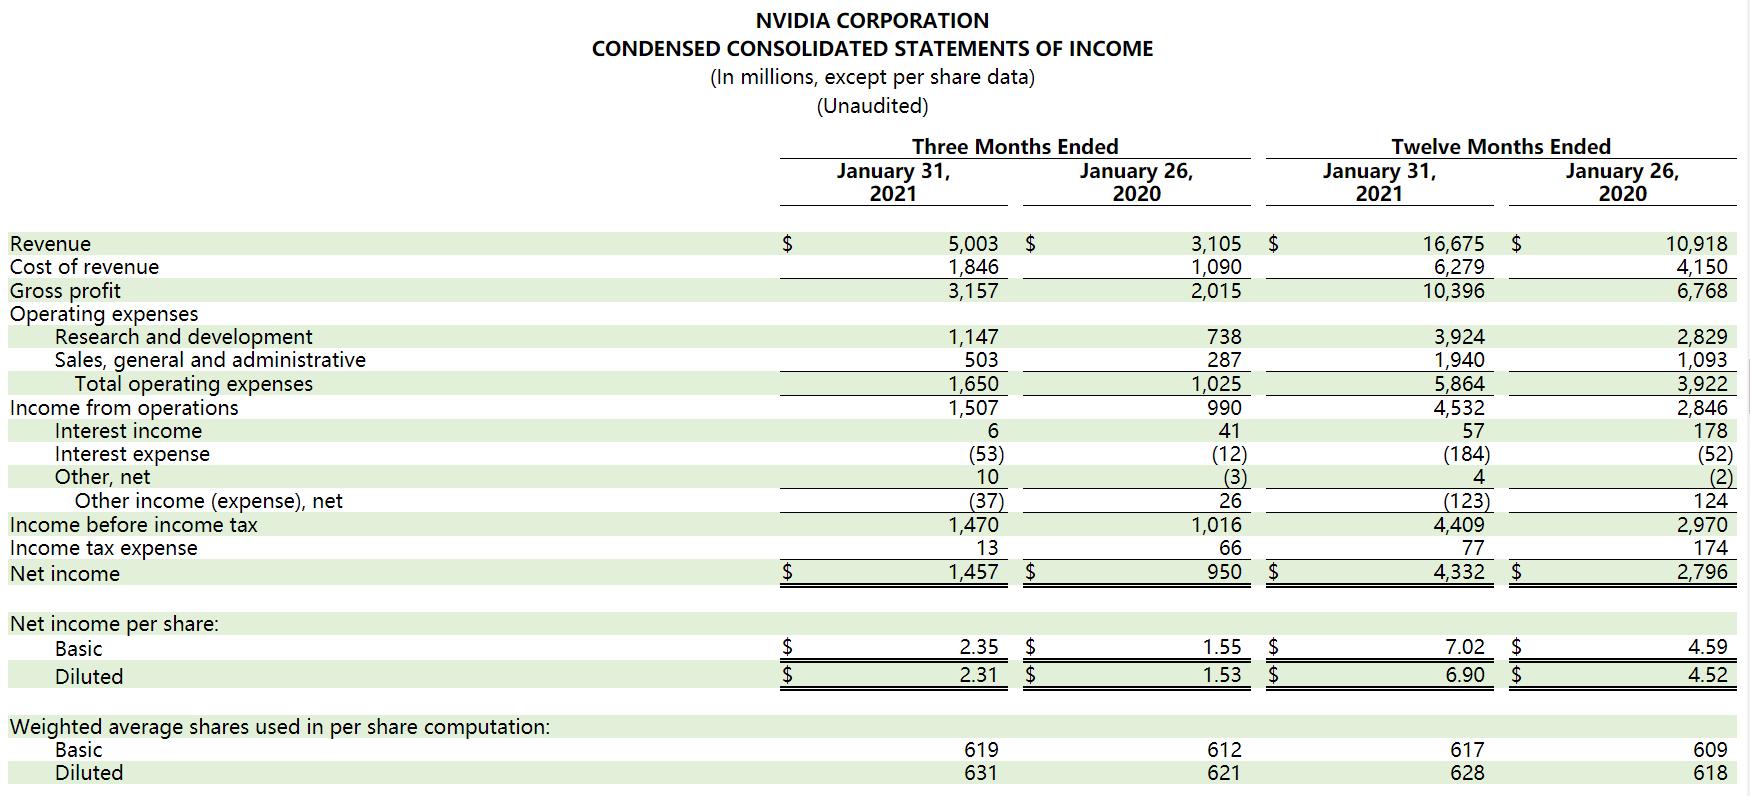 英伟达2021财年第四季度净利润同比增长53%至14.57亿美元: